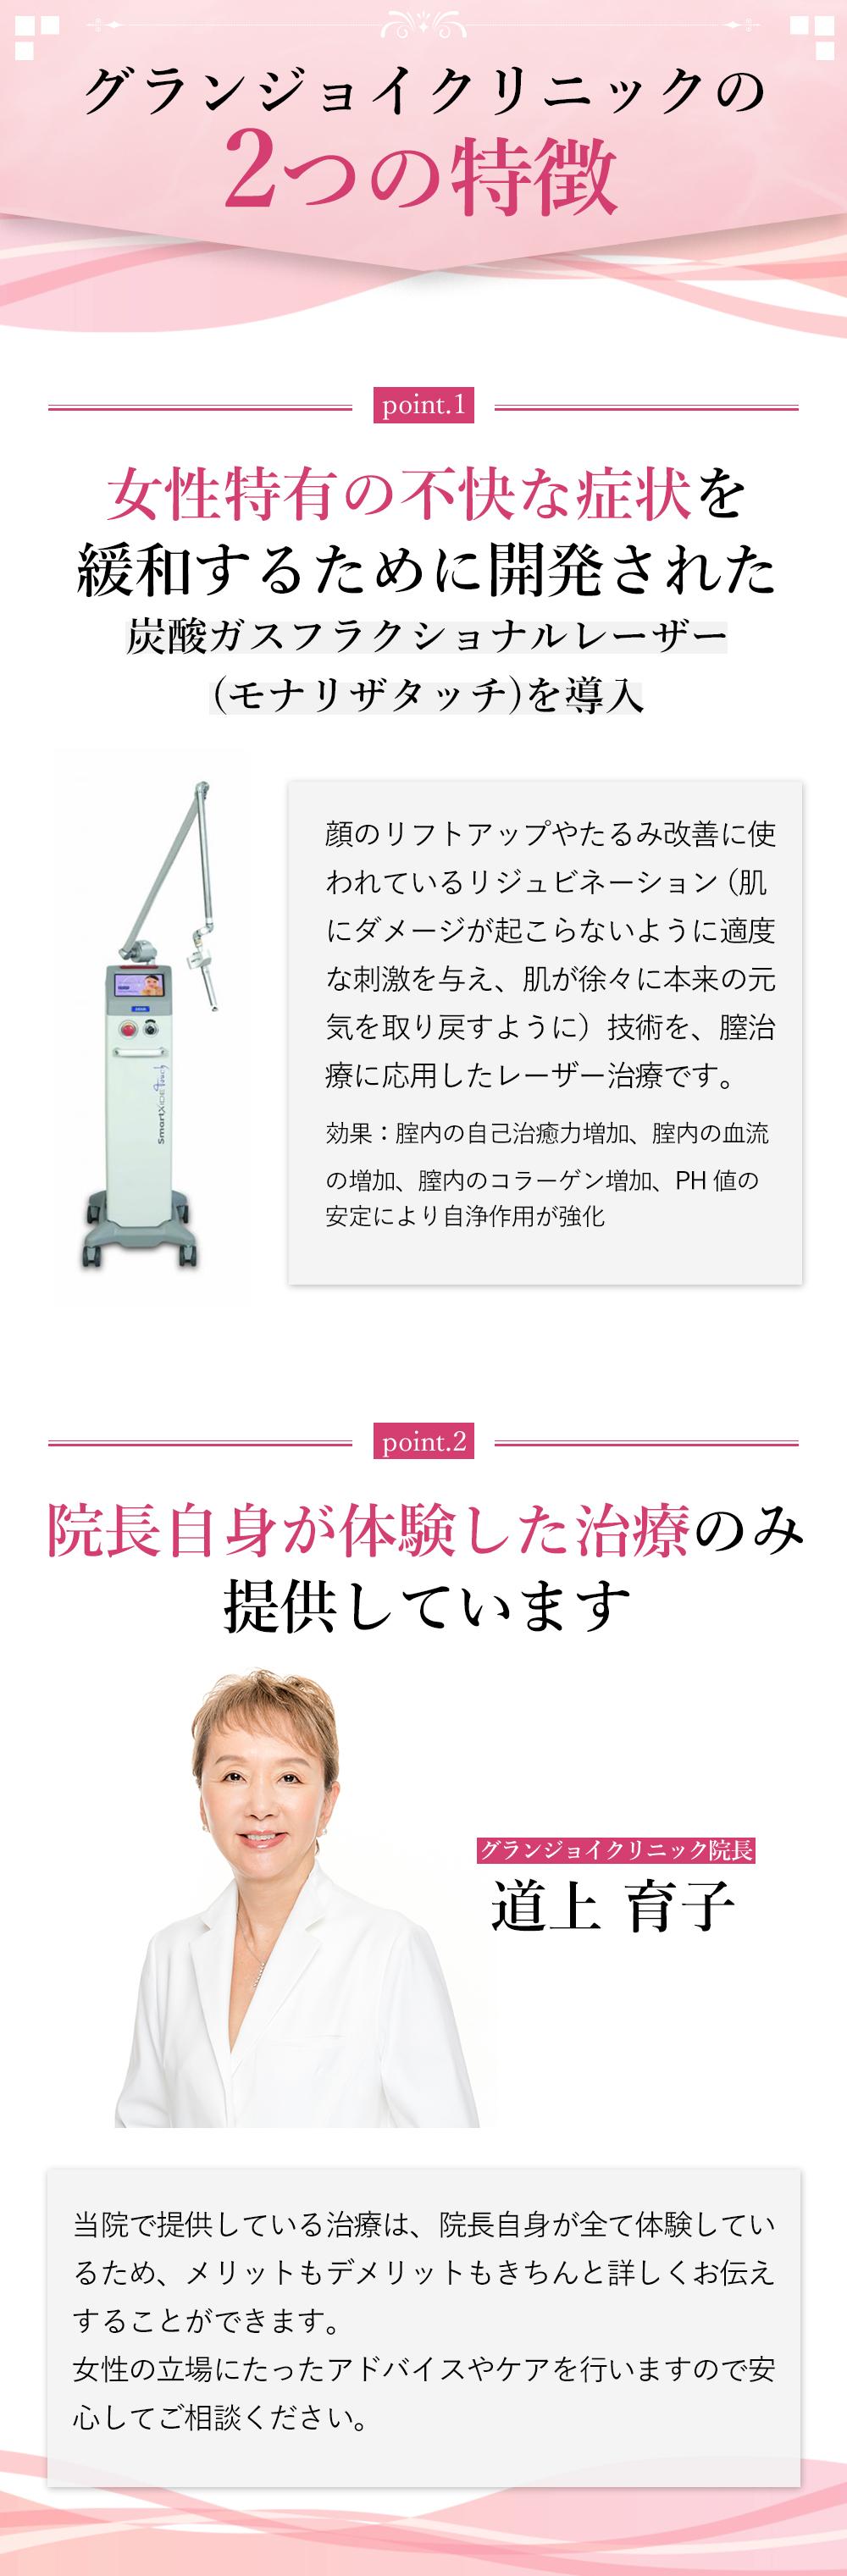 グランジョイクリニック 女性特有な不快な症状を緩和 炭酸ガスフラクショナルレーザーを導入